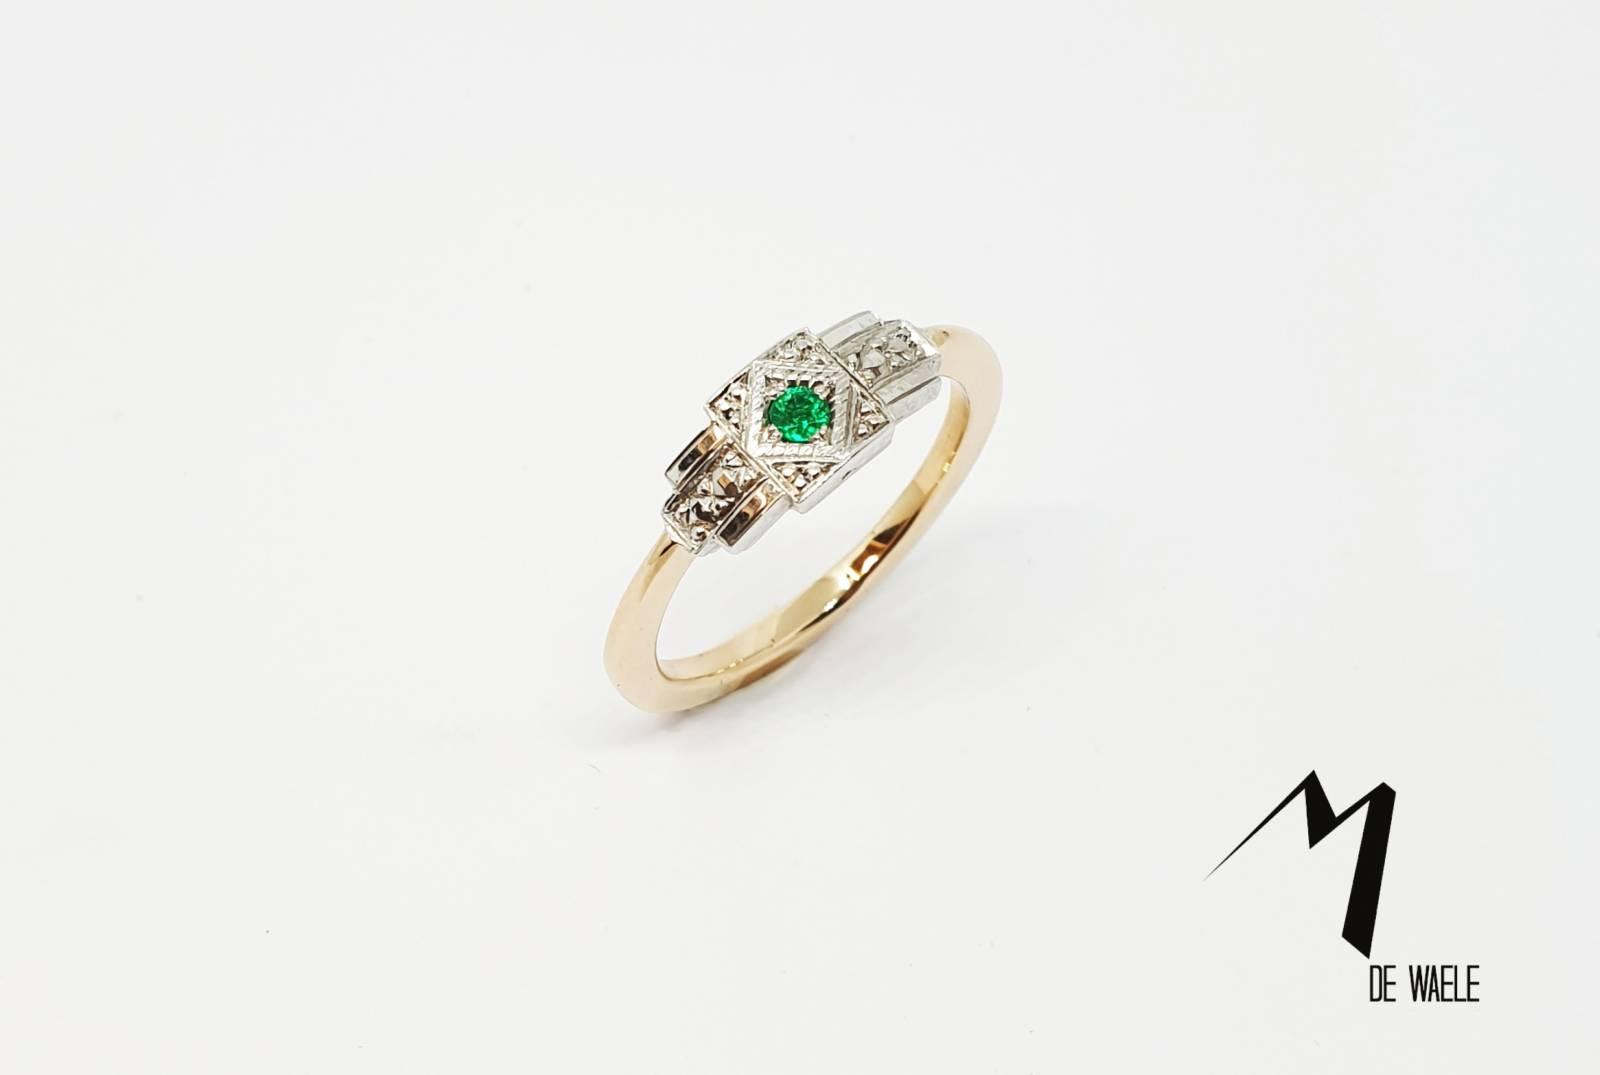 Juwelen De Waele - Juwelen - House of Weddings (1)